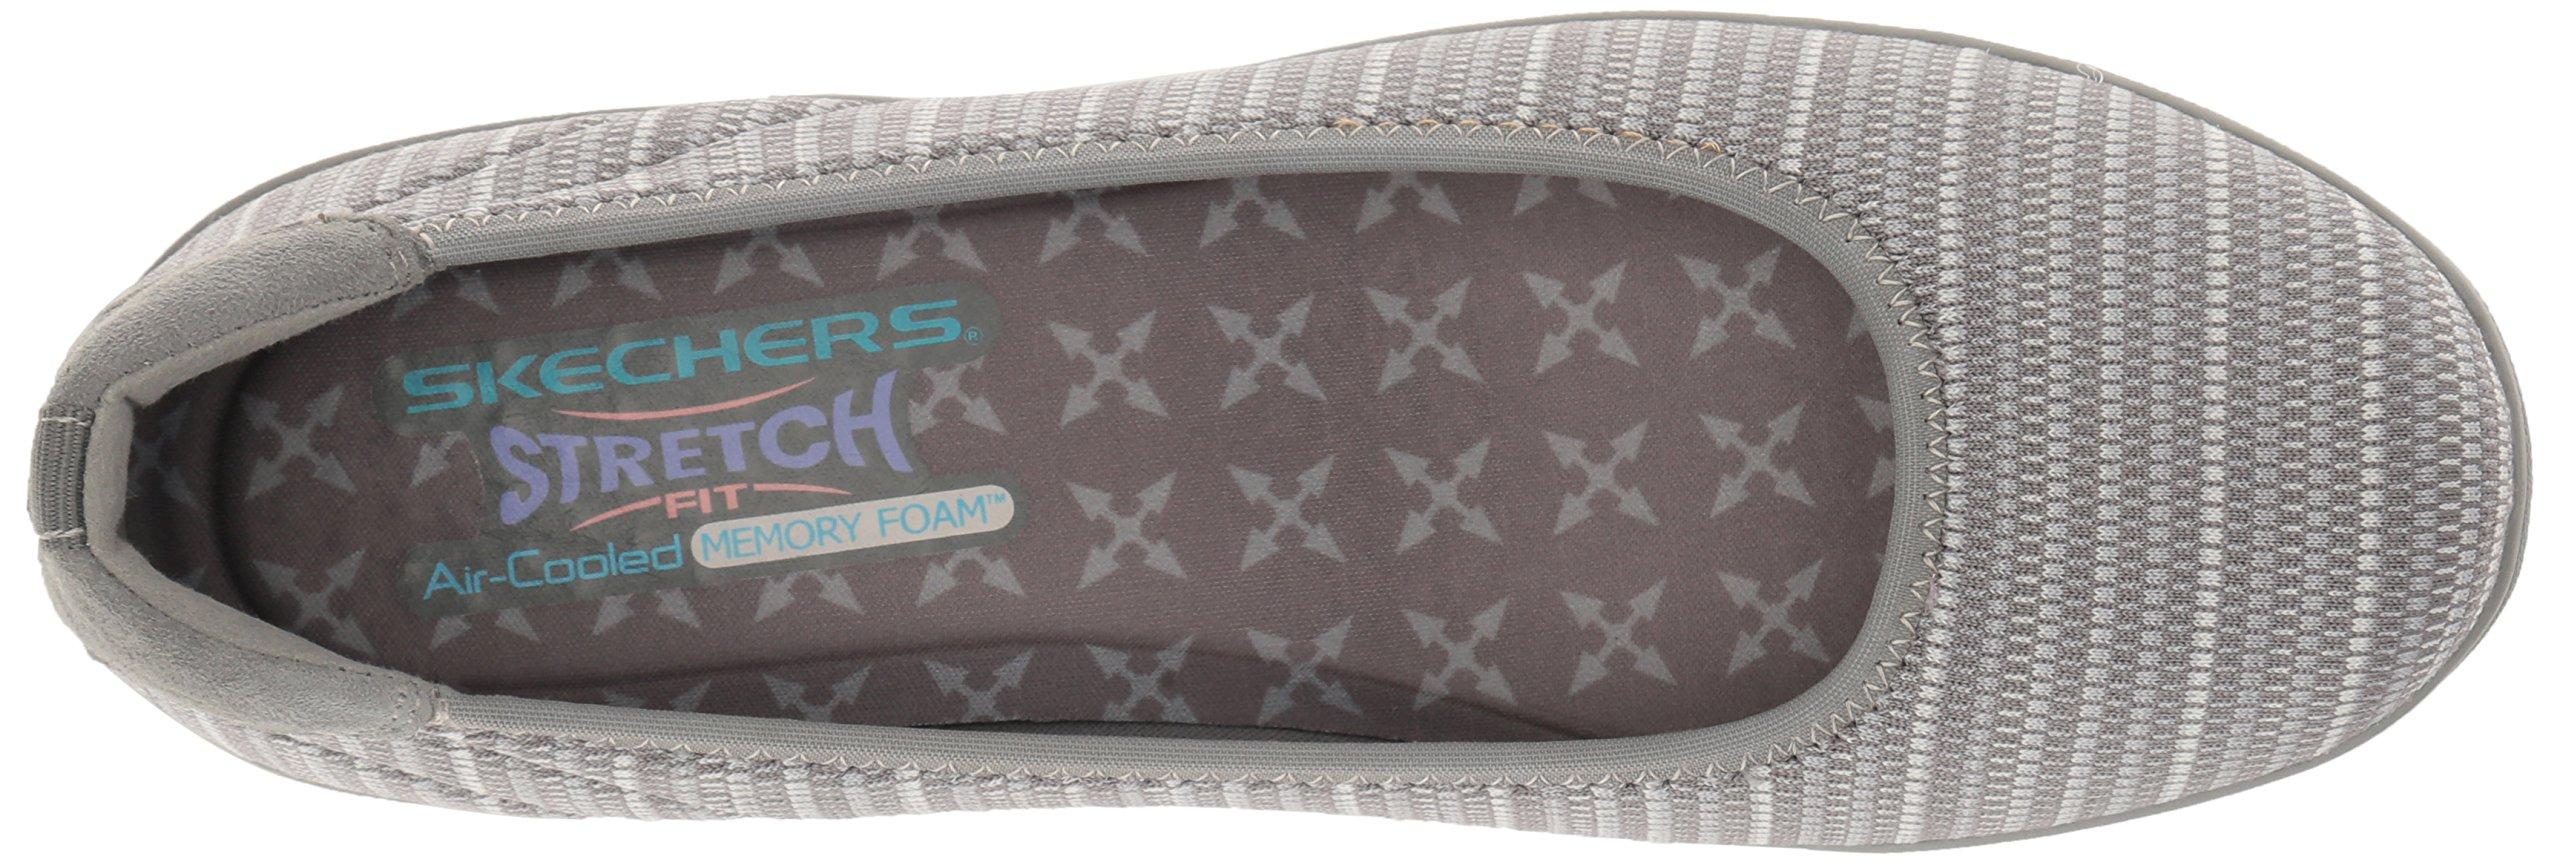 Skechers Women's Kiss-Secret Wedge Pump,Grey,7 M US by Skechers (Image #8)